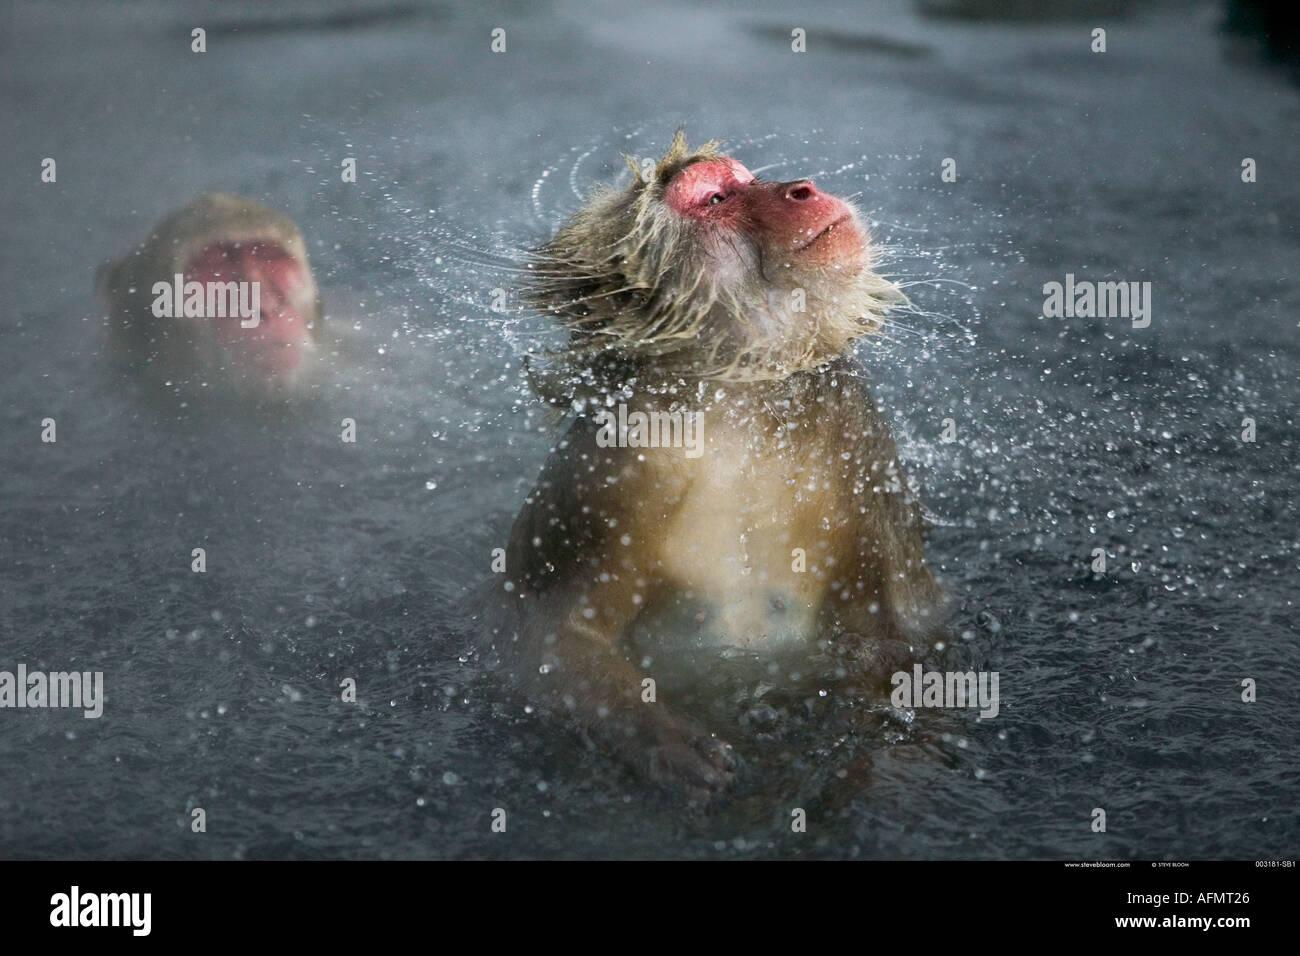 Snow monkey scuotendo via acqua Jigokudani Parco Nazionale del Giappone Immagini Stock